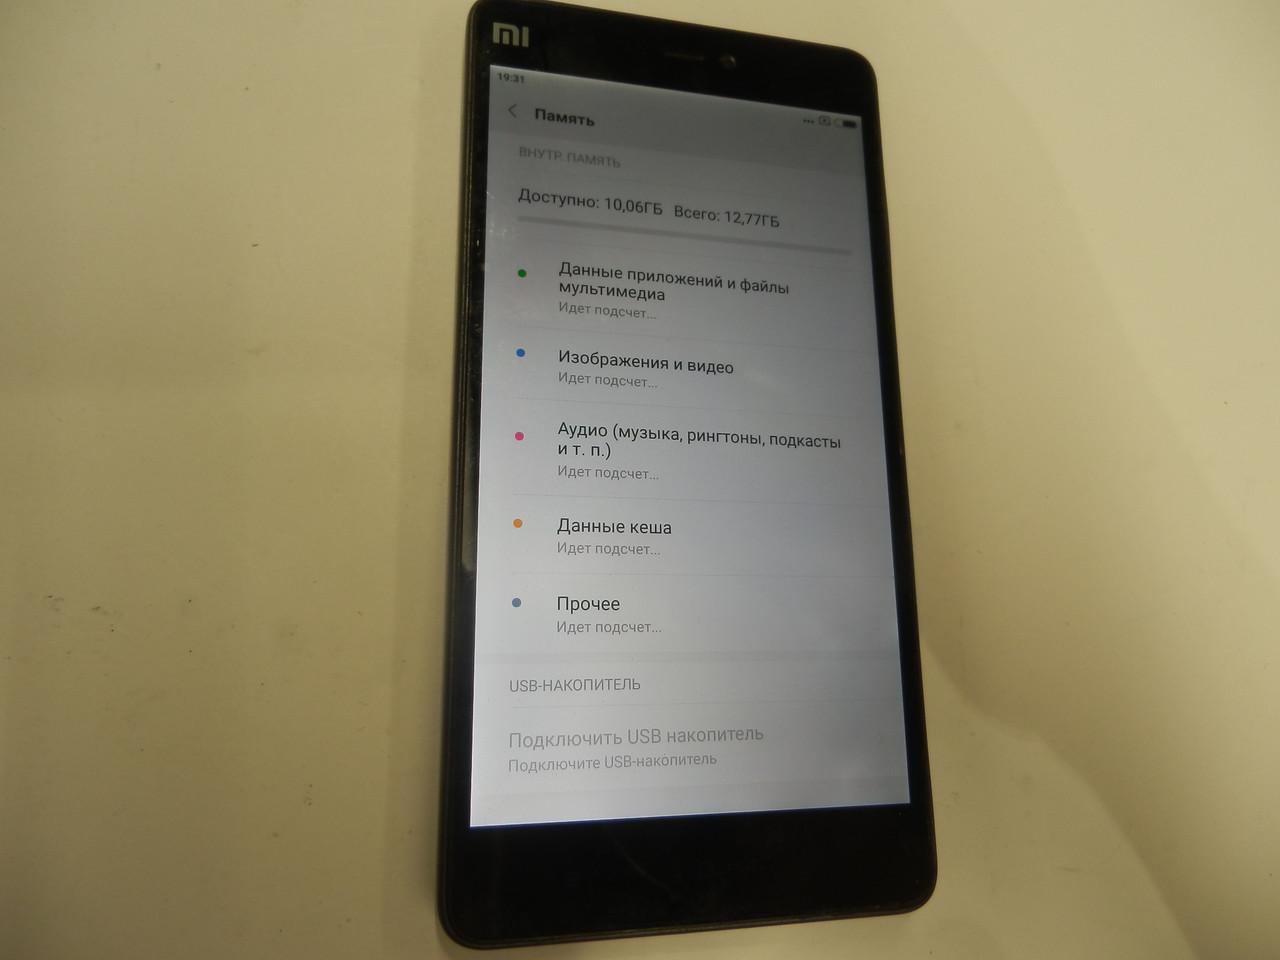 Мобильный телефон Xiaomi M i4i 16Gb 351ВР